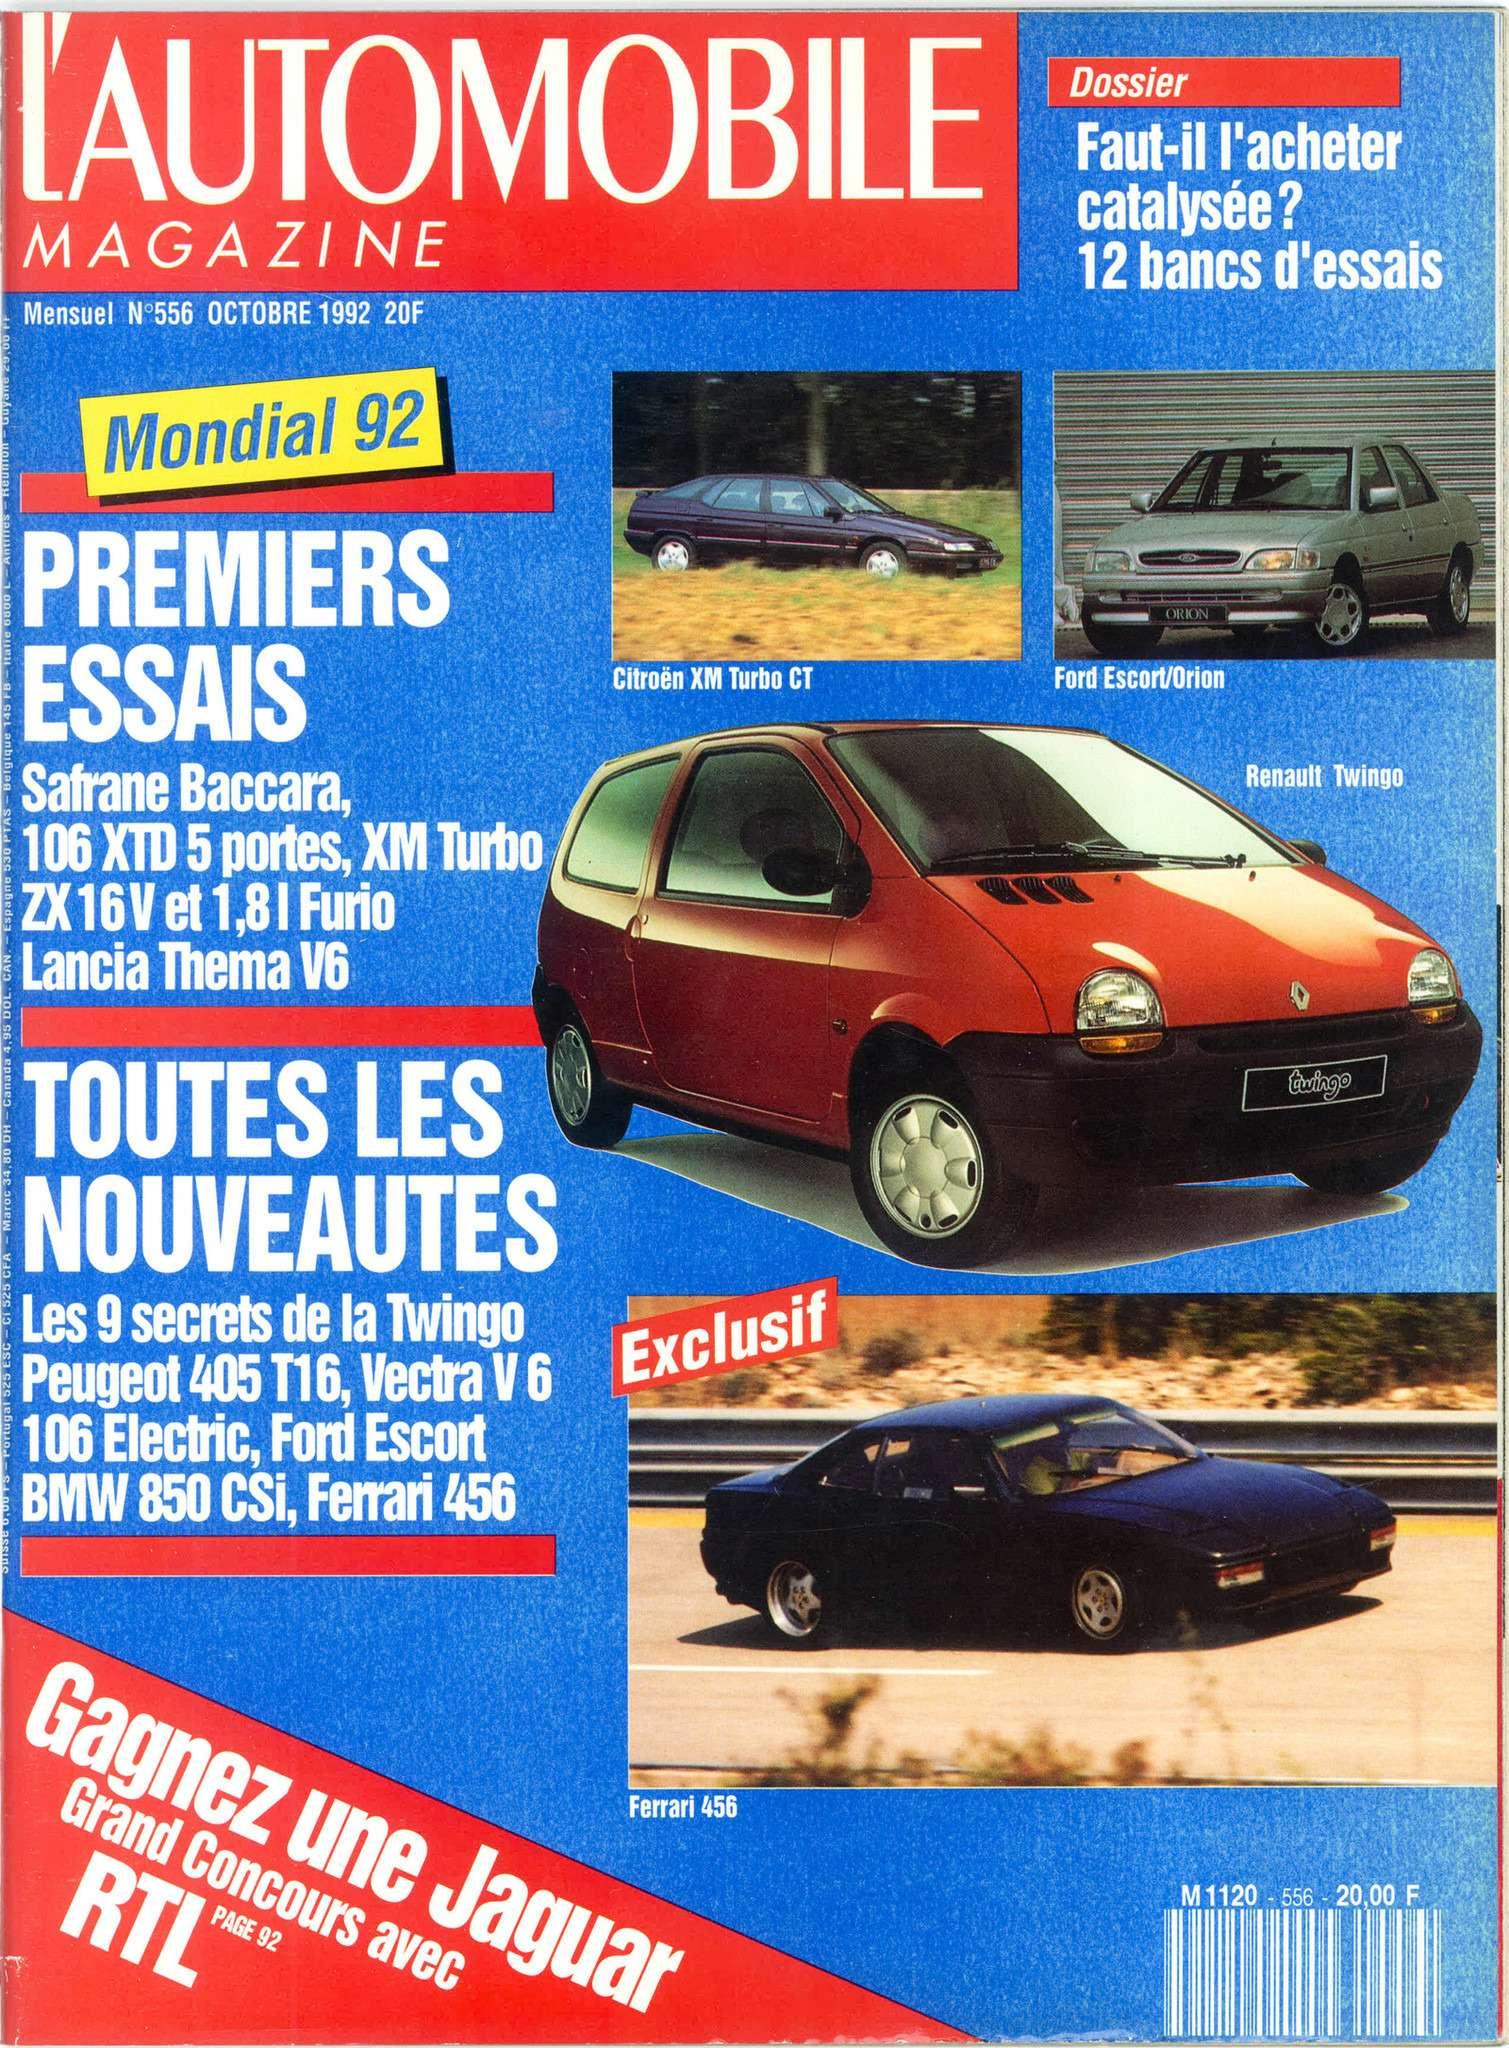 78-Renault-old_zr-01_16